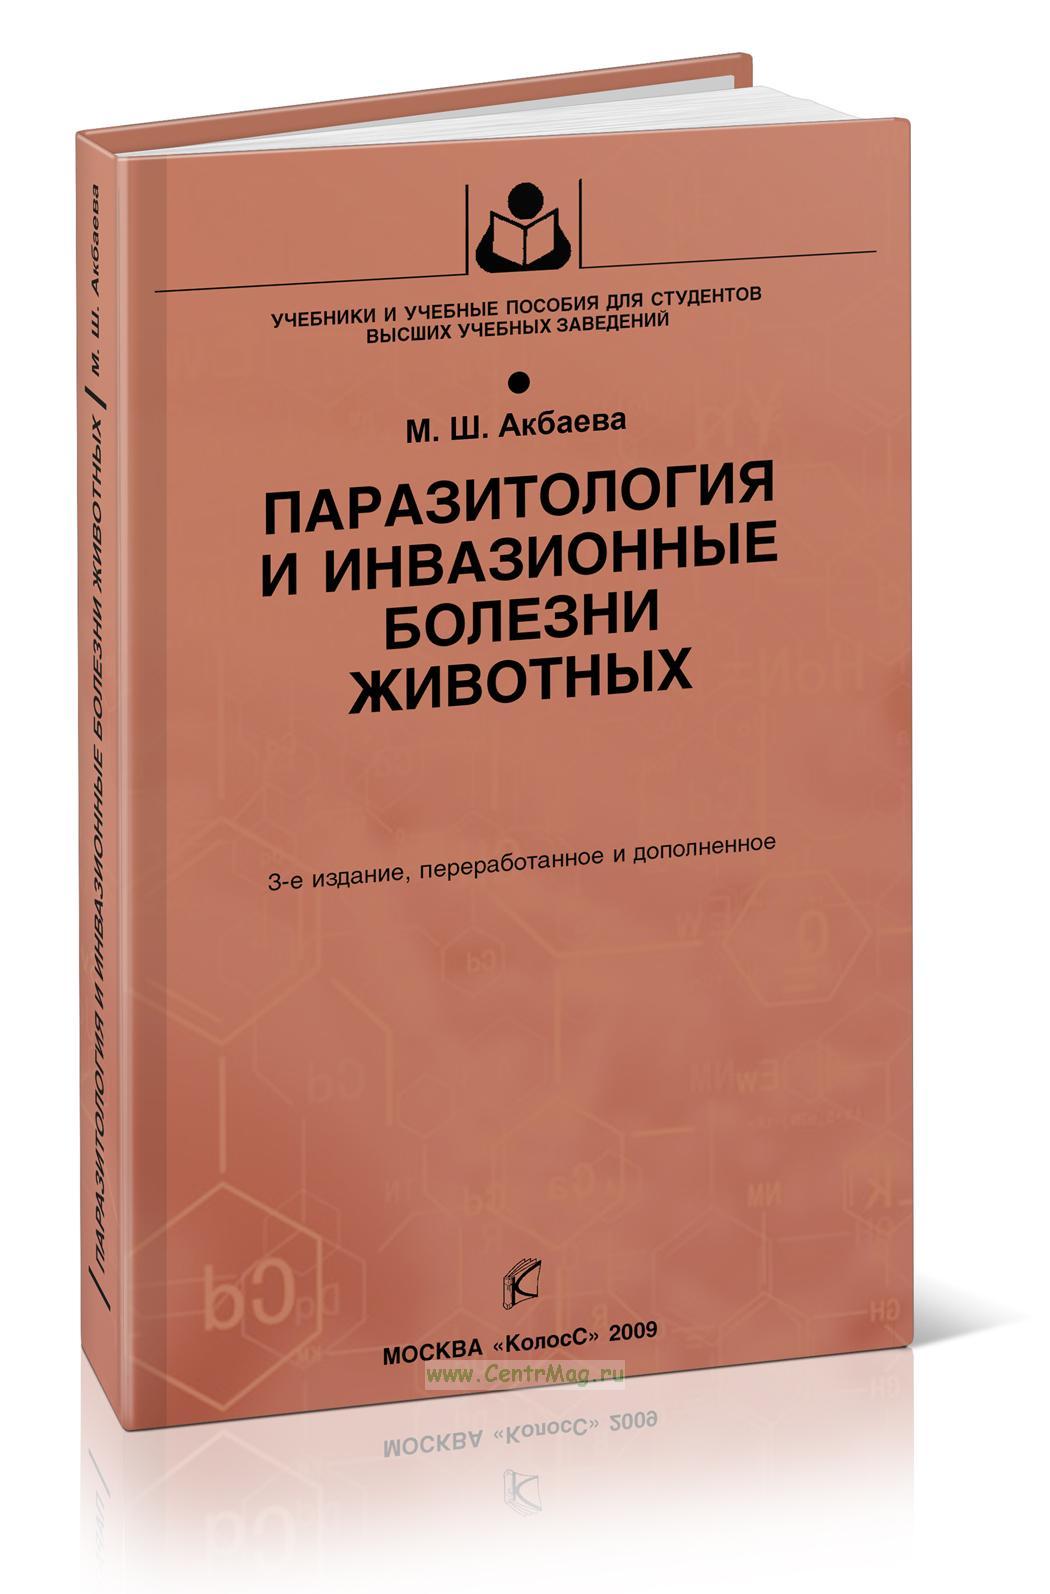 Паразитология и инвазионные болезни животных (3-е издание, переработанное и дополненное)